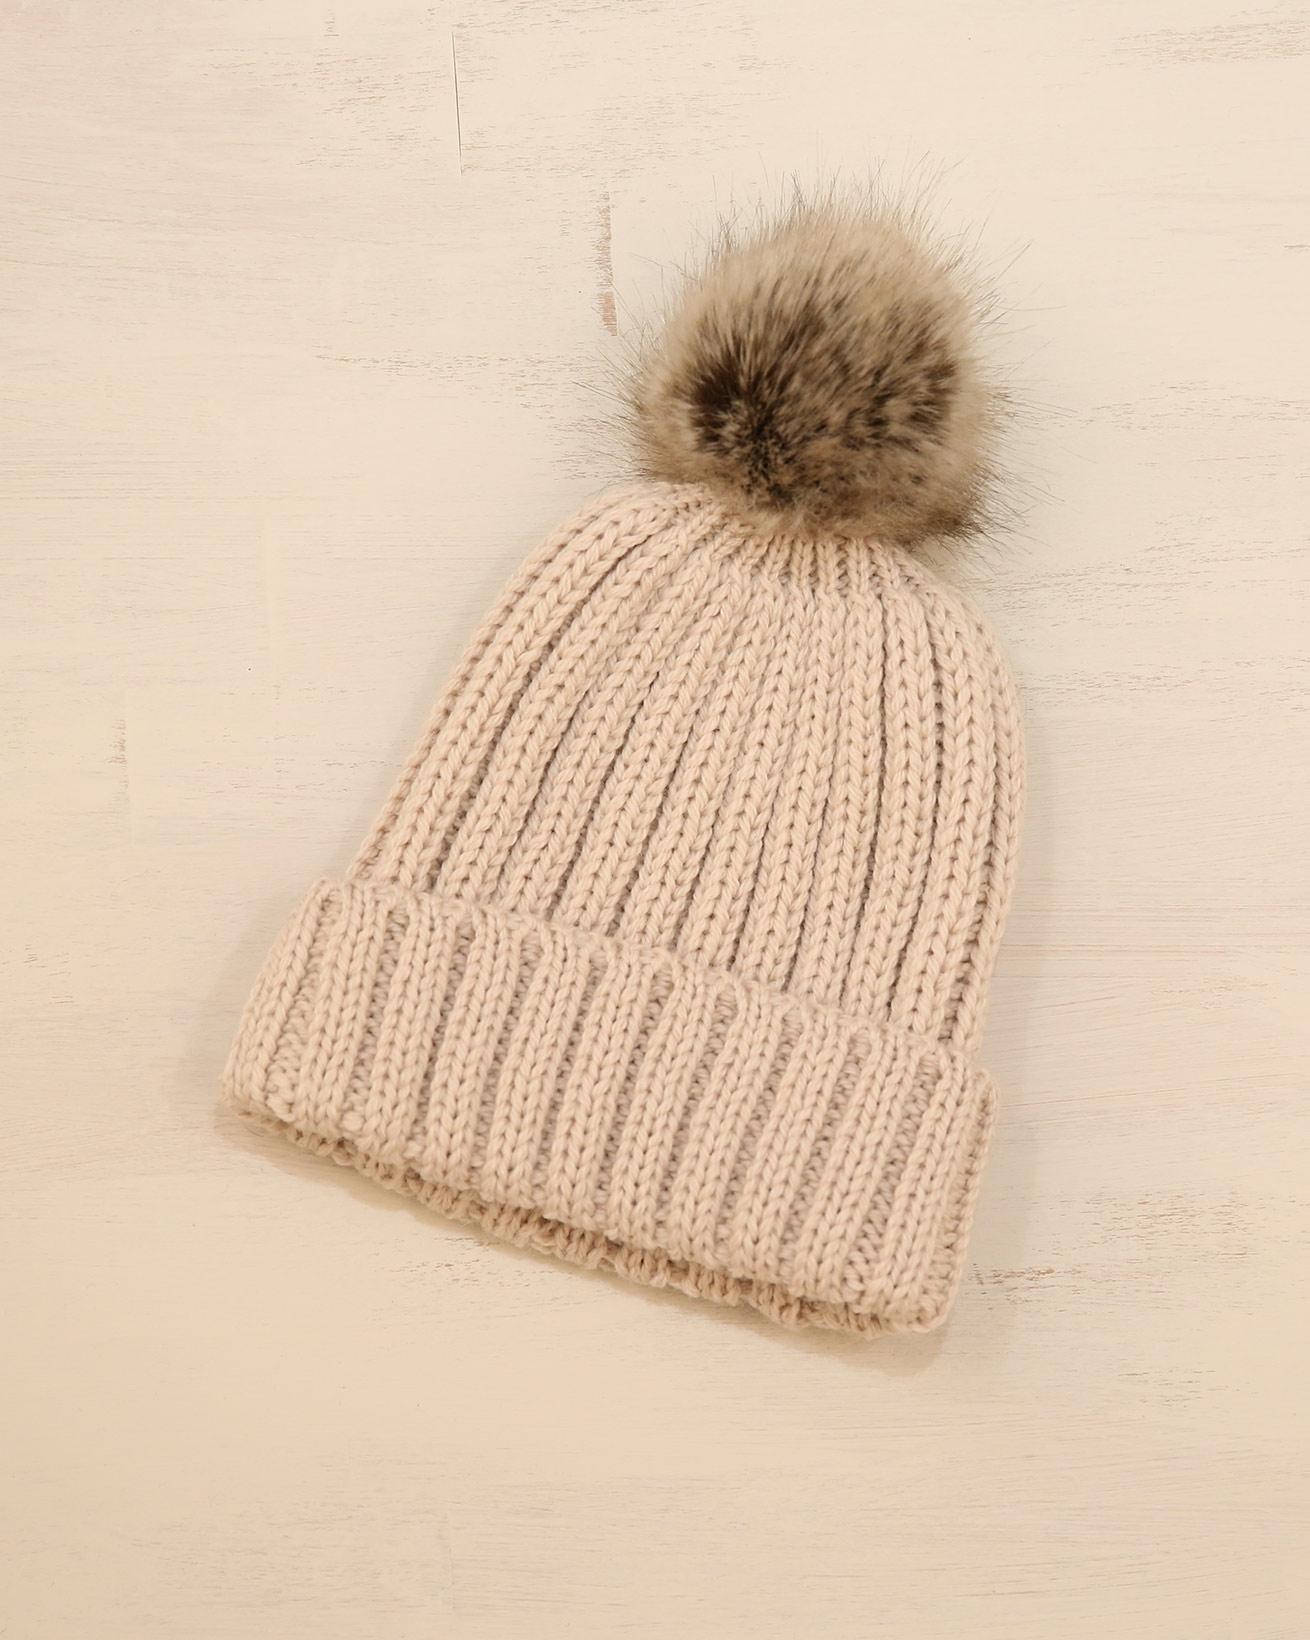 Ladies Rib Pom Pom beanie - One Size - Warm Taupe - 2338